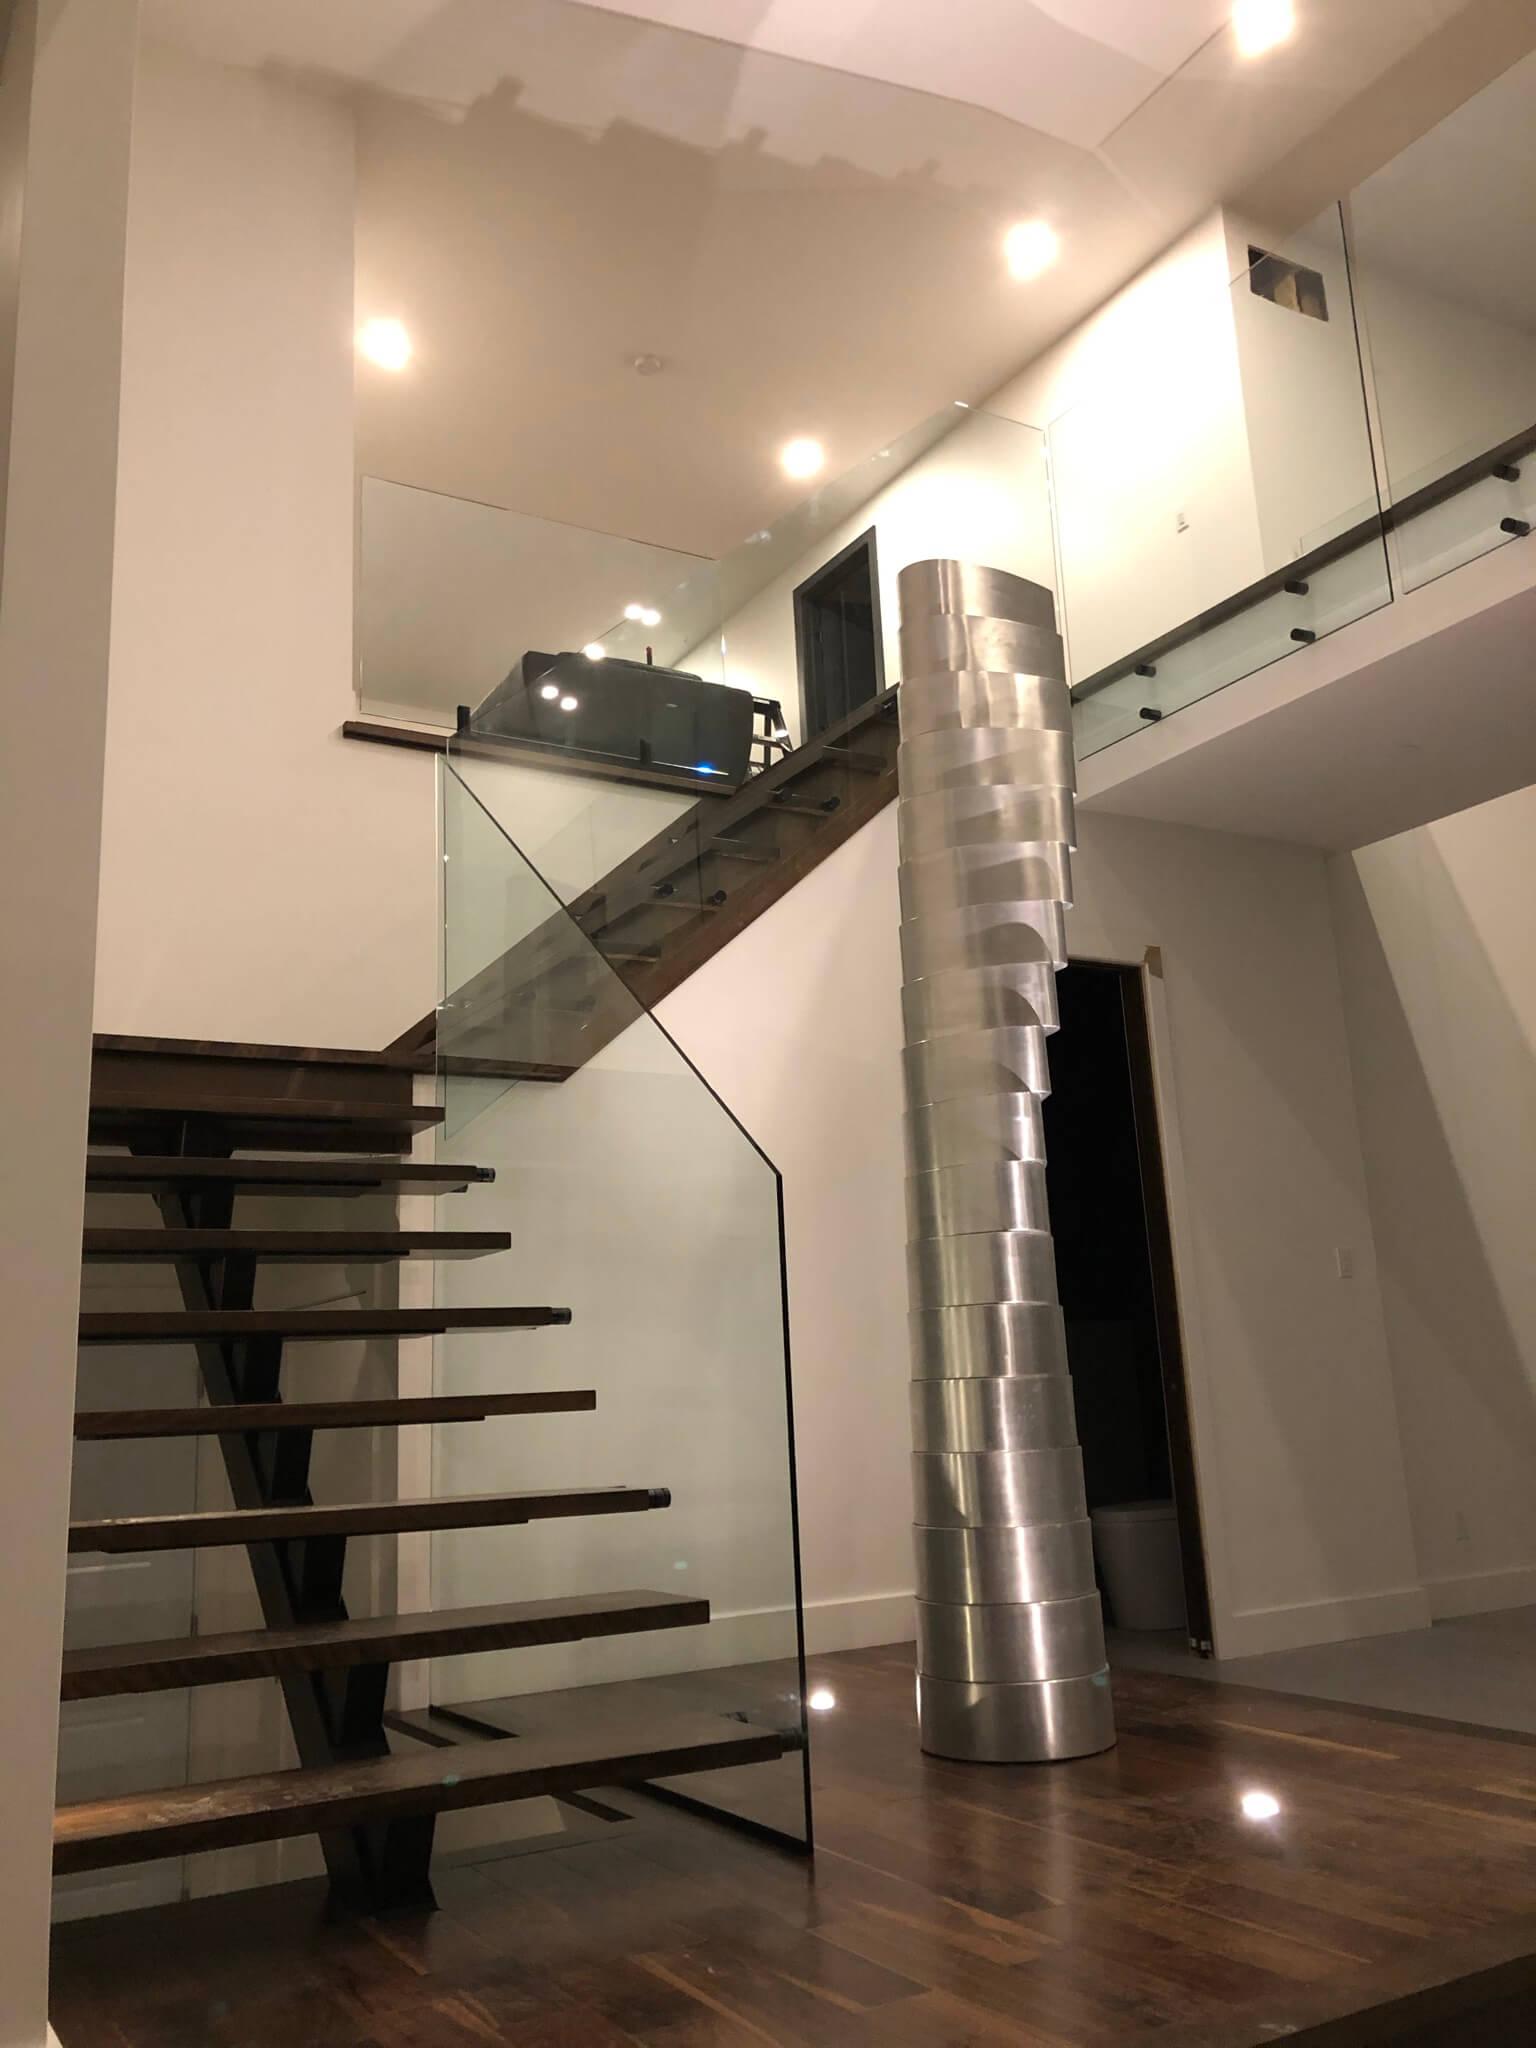 Escalier rampe en verre - Lorraine - 01